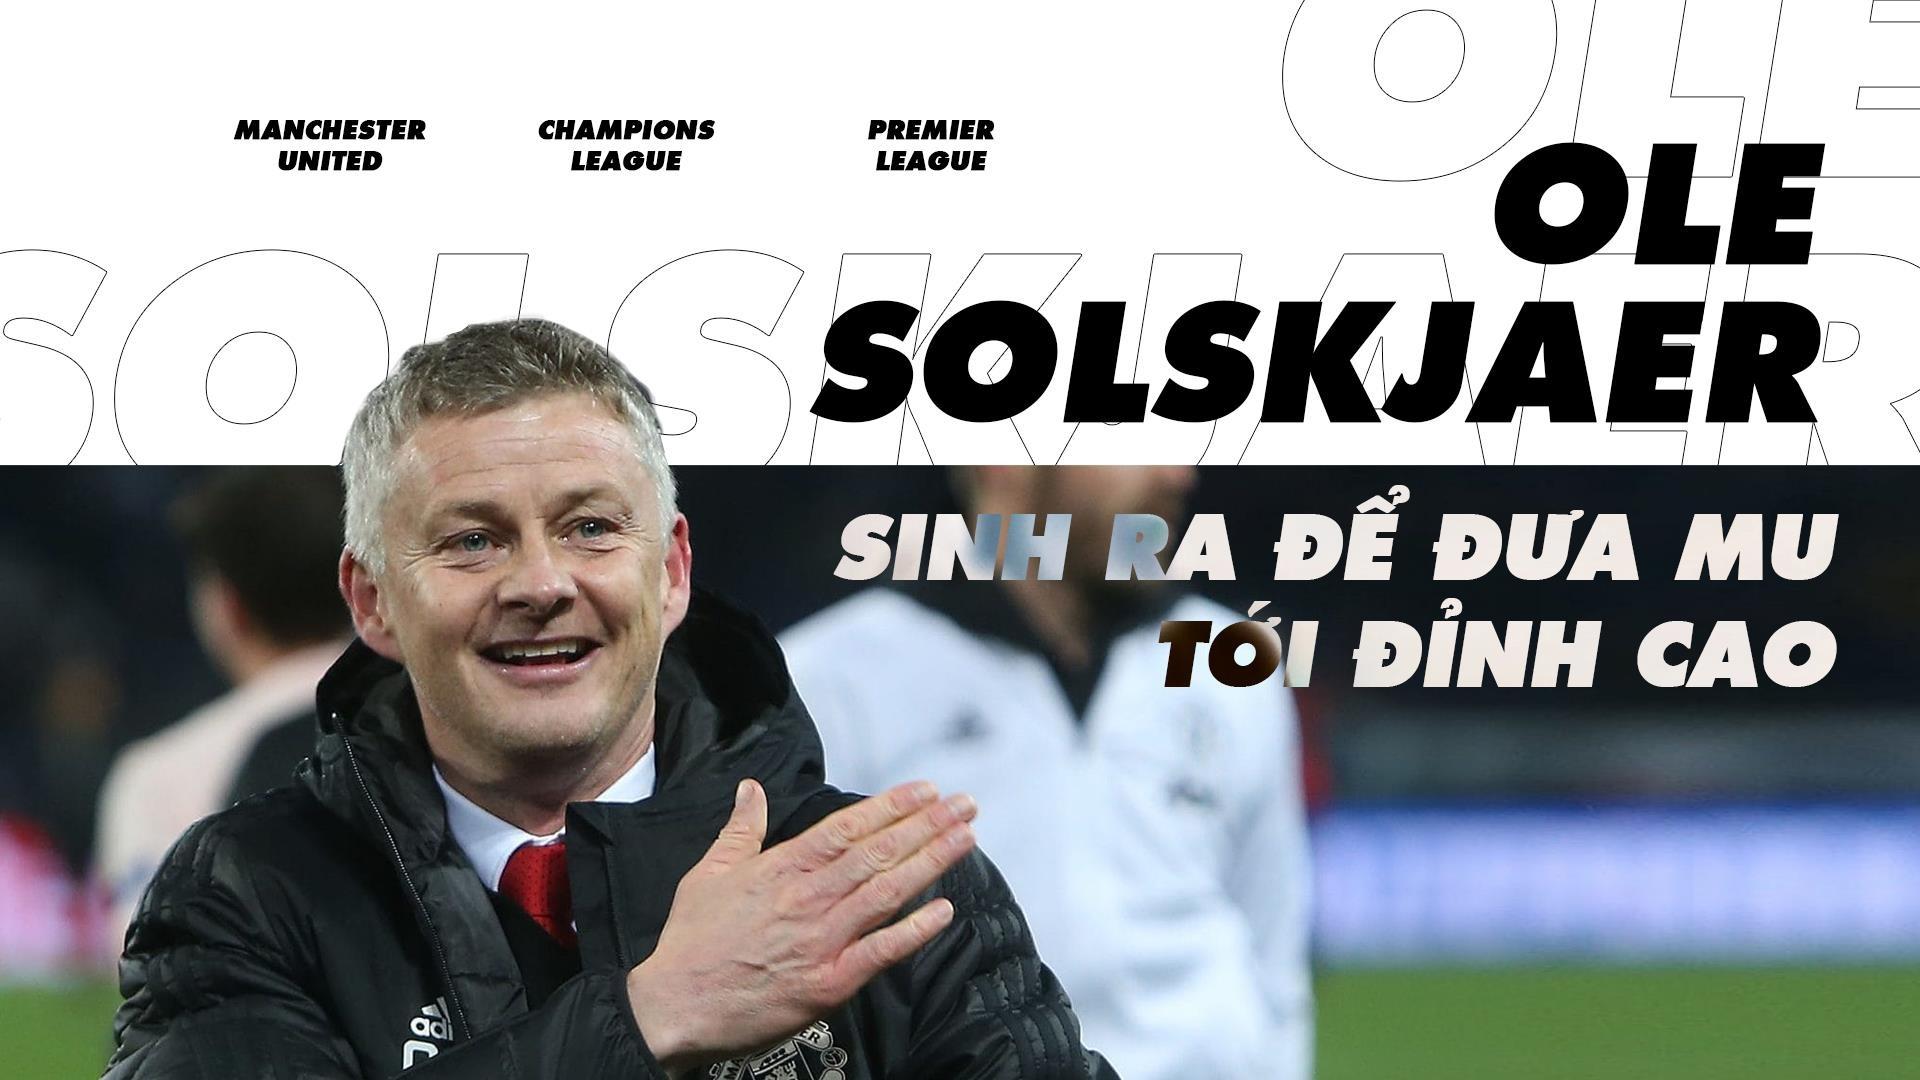 Ole Solskjaer sinh ra de dua MU toi dinh cao hinh anh 2